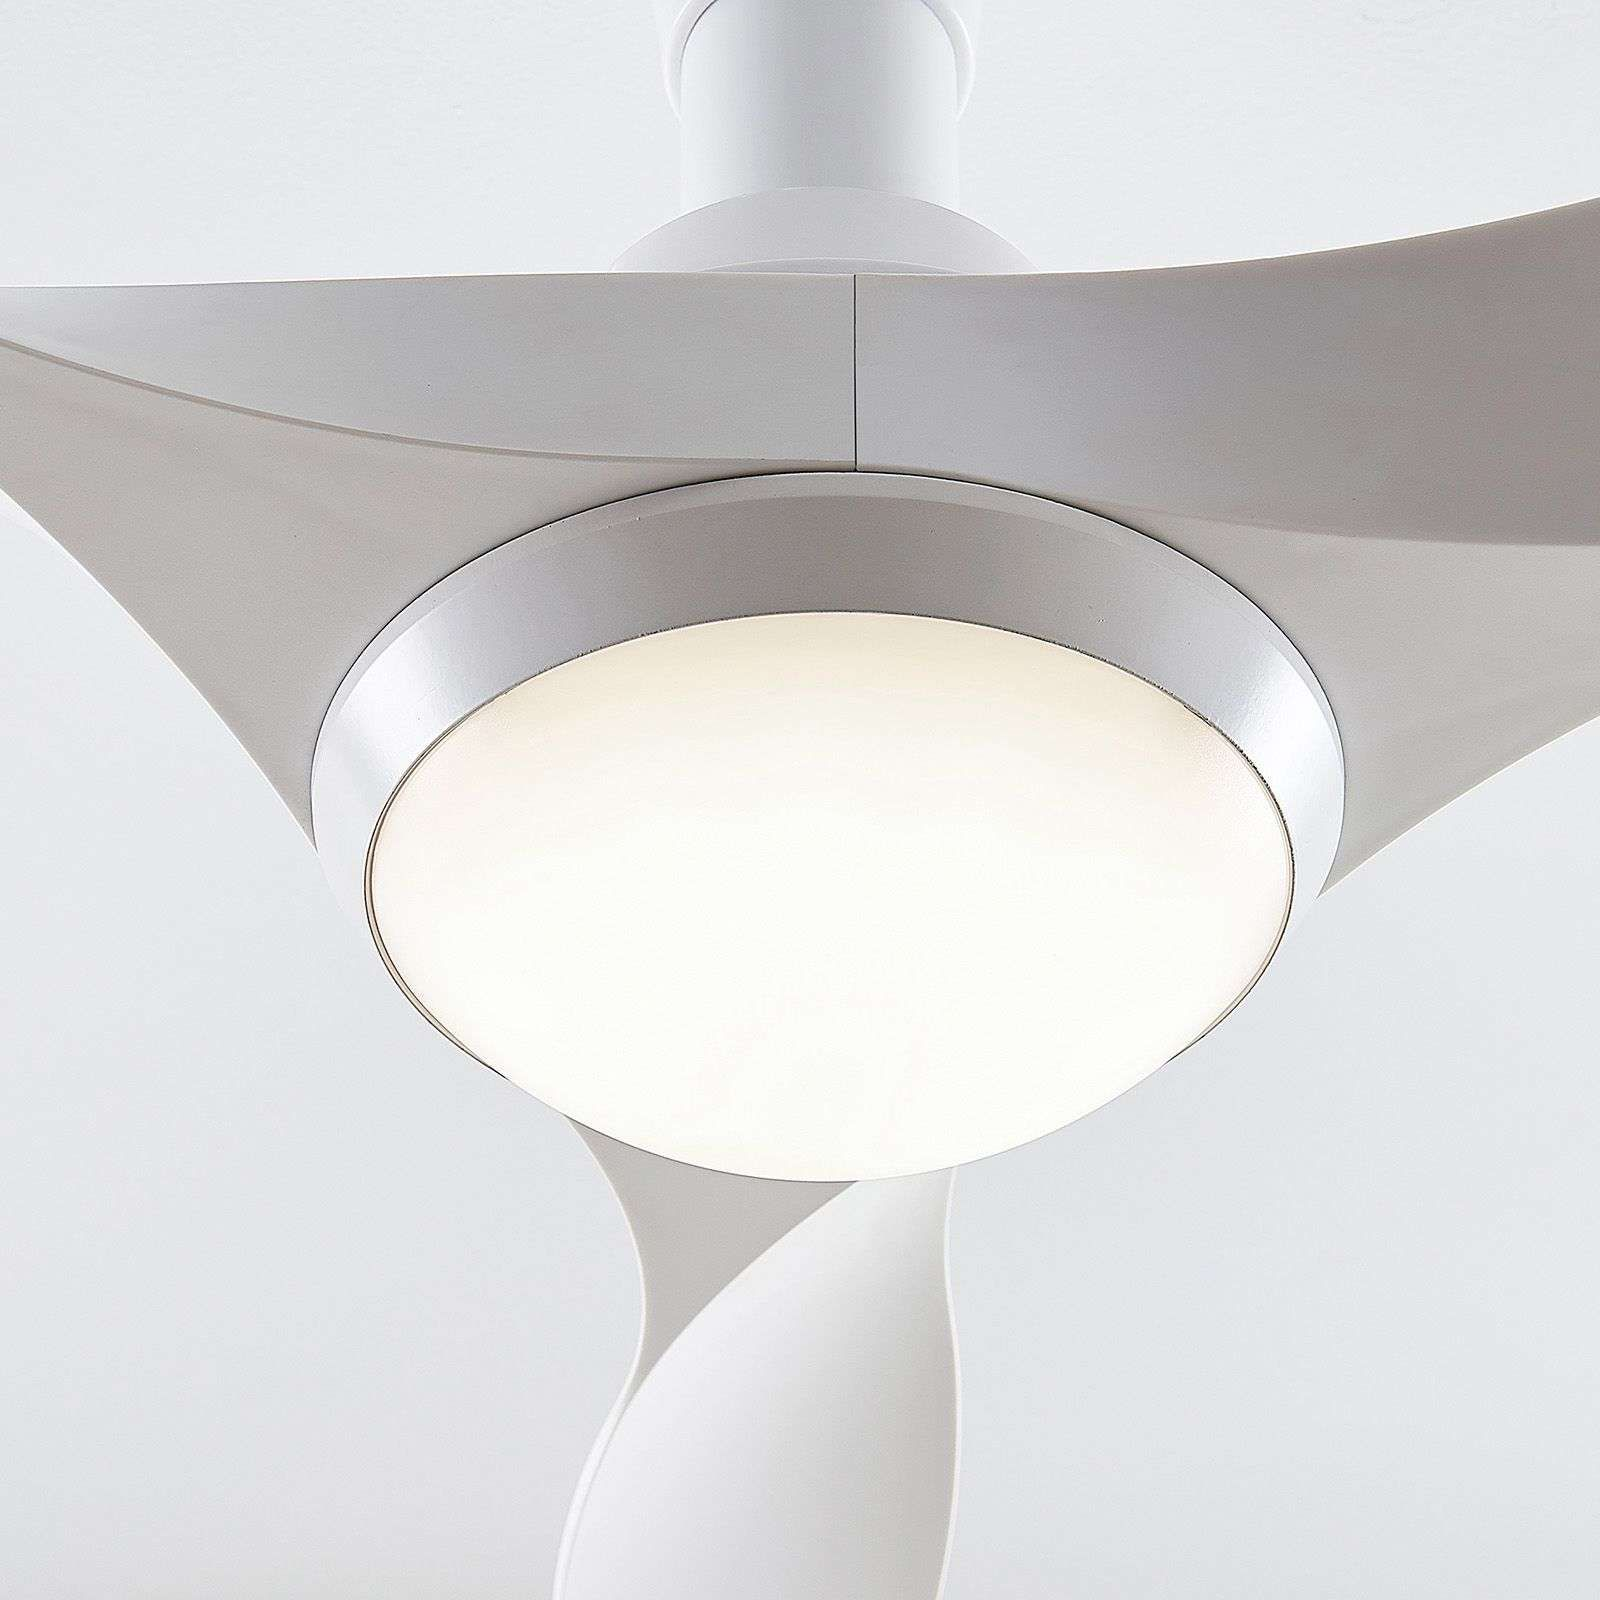 Moderner Deckenventilatoren Mit Beleuchtung Von Arcchio Weiss In 2020 Deckenventilator Ventilator Und Led